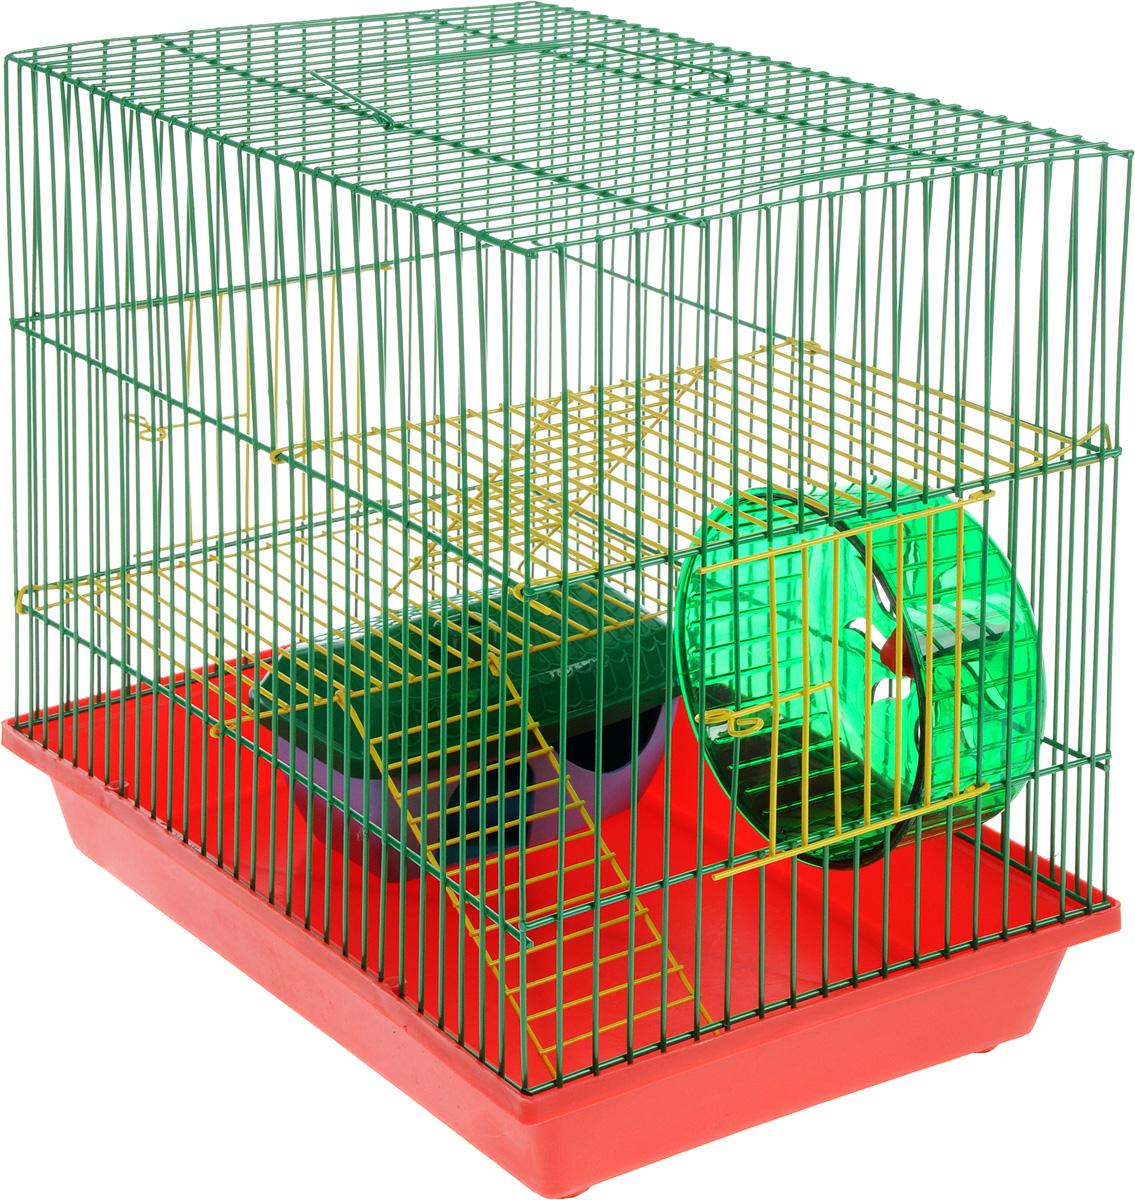 Клетка для грызунов ЗооМарк, 3-этажная, цвет: красный поддон, зеленая решетка, желтые этажи, 36 х 23 х 34,5 см. 135ж135жКЗКлетка ЗооМарк, выполненная из полипропилена и металла, подходит для мелких грызунов. Изделие трехэтажное, оборудовано колесом для подвижных игр и пластиковым домиком. Клетка имеет яркий поддон, удобна в использовании и легко чистится. Сверху имеется ручка для переноски. Такая клетка станет уединенным личным пространством и уютным домиком для маленького грызуна.